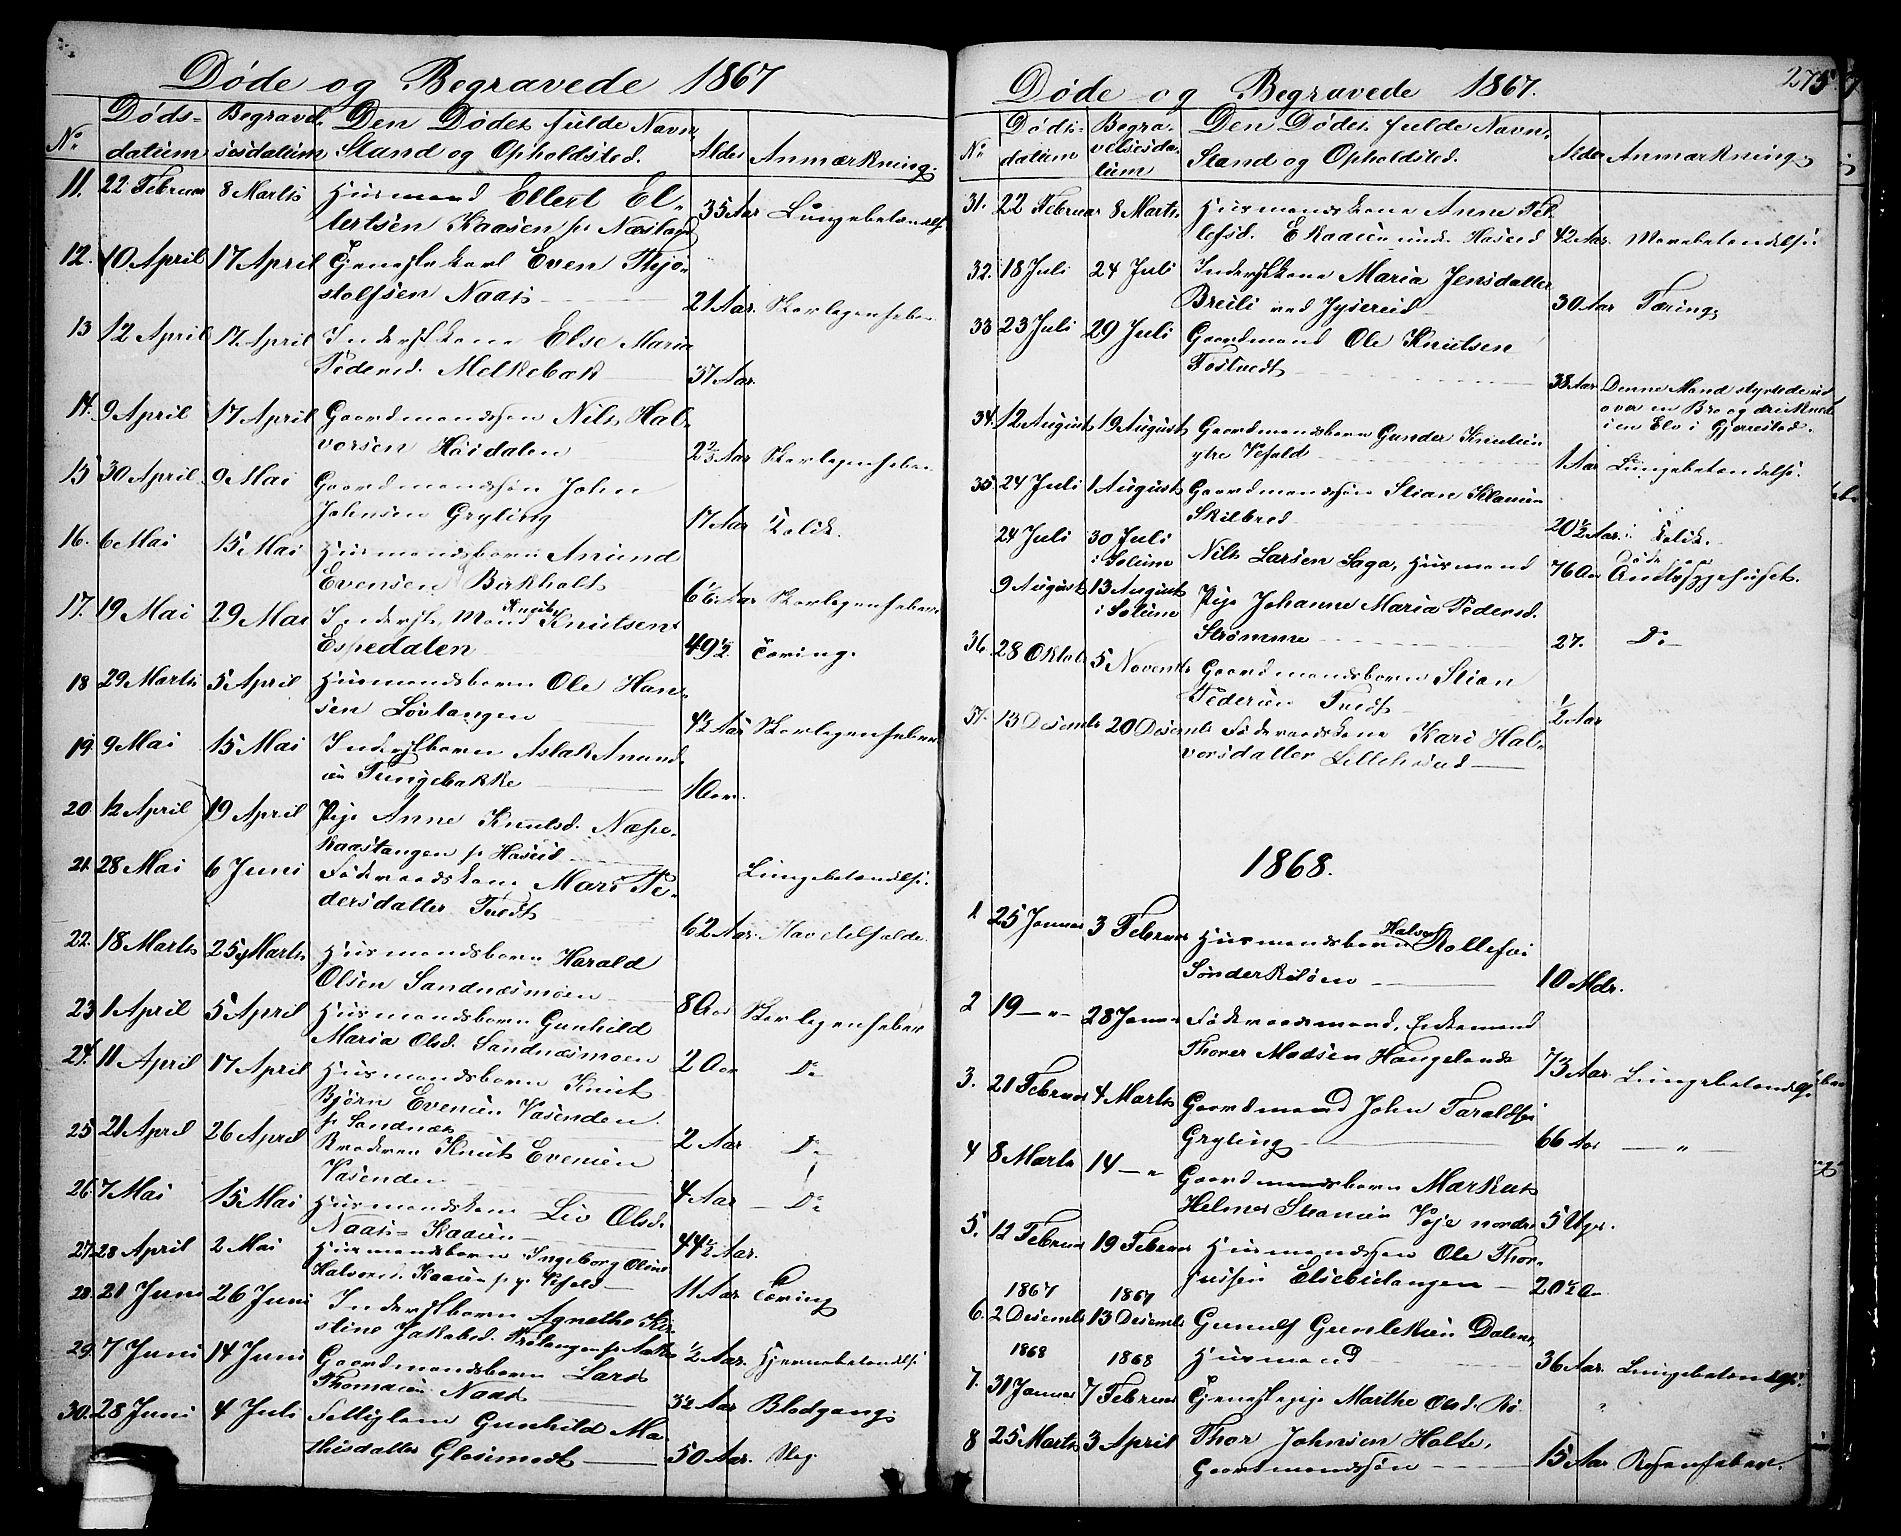 SAKO, Drangedal kirkebøker, G/Ga/L0002: Klokkerbok nr. I 2, 1856-1887, s. 275